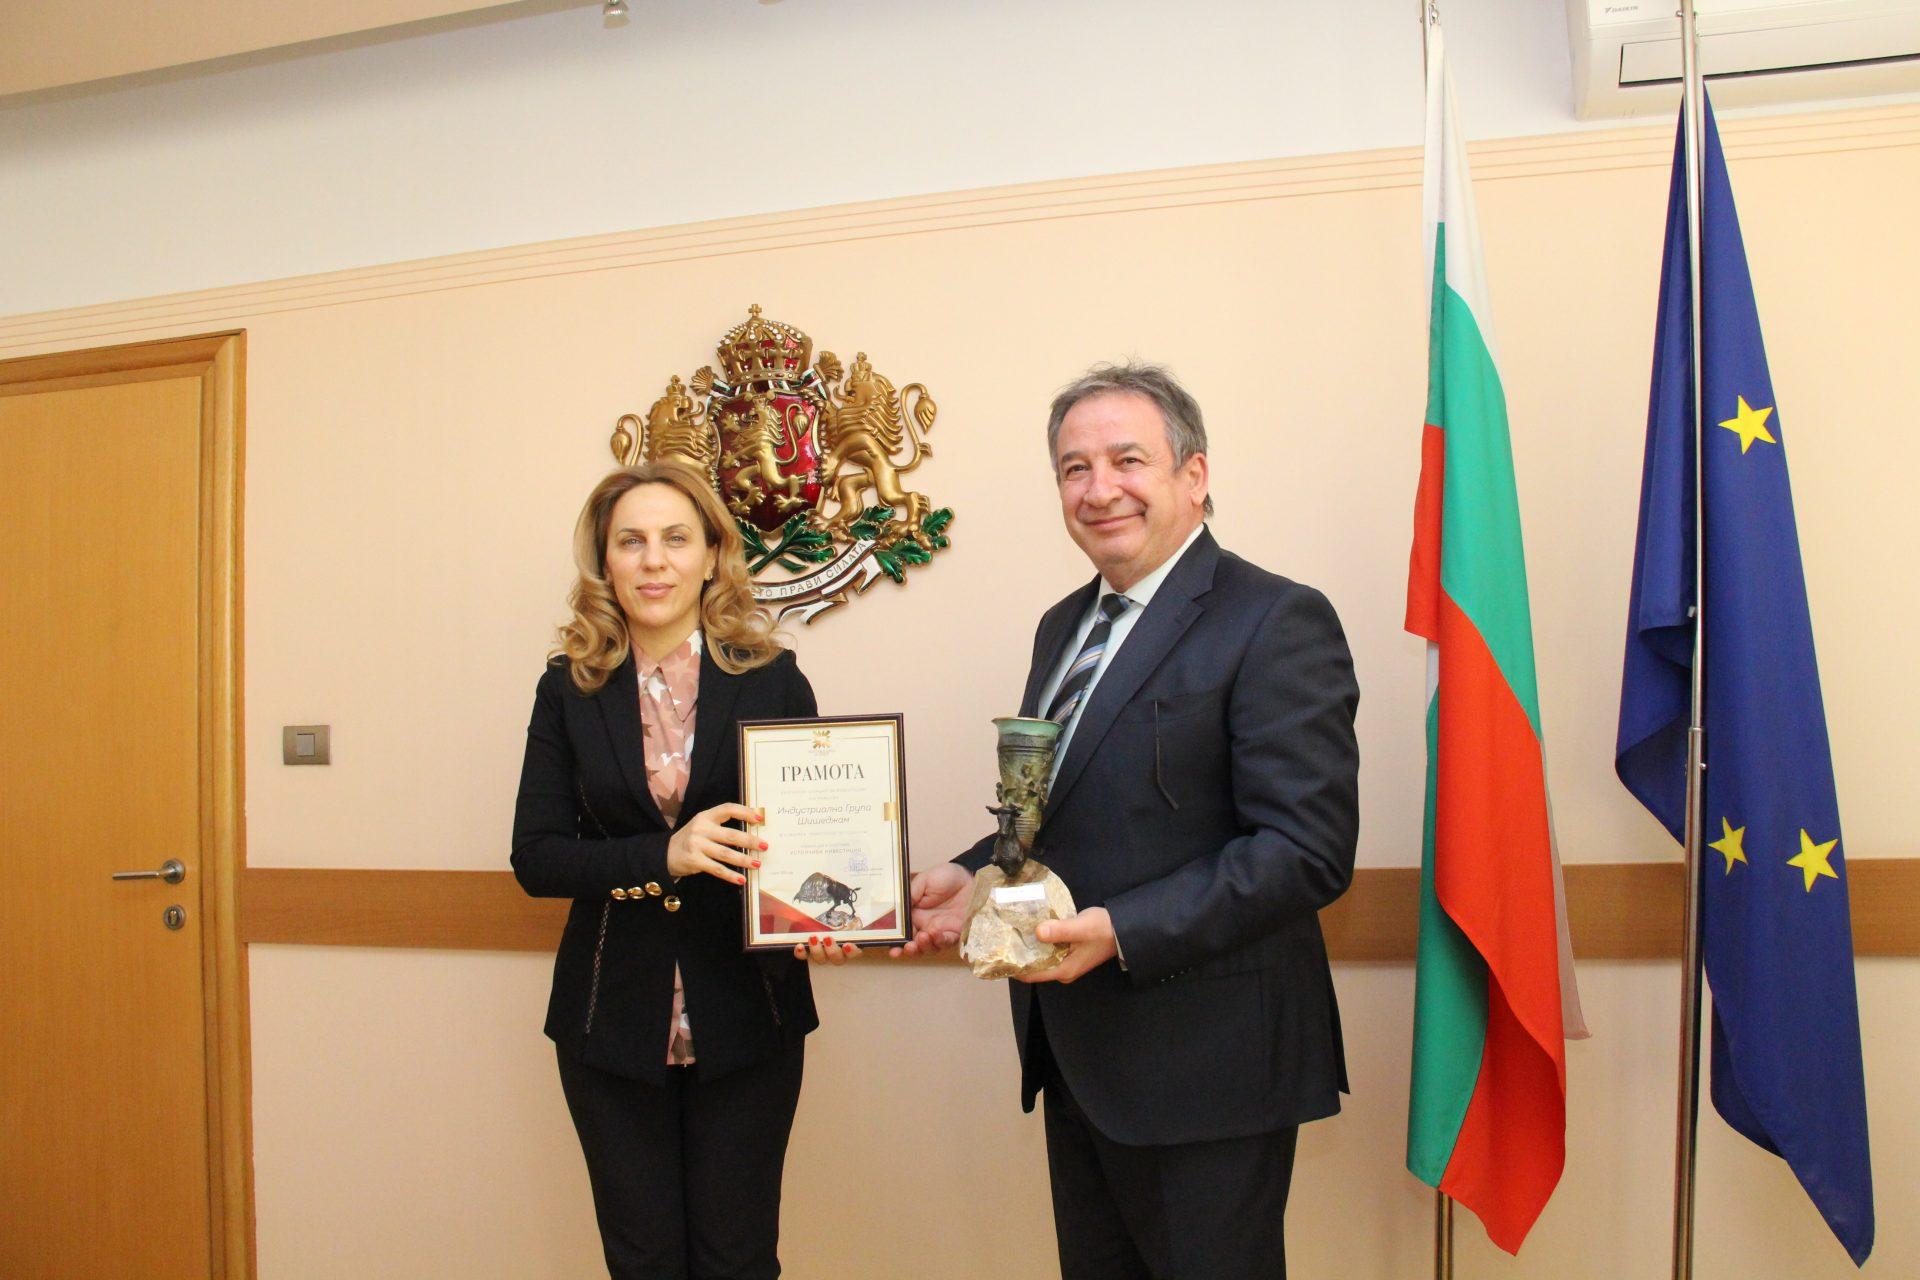 Вицепремиерът Марияна Николова награди Индустриална група Шишеджам за устойчиво развитие на инвестициите в България